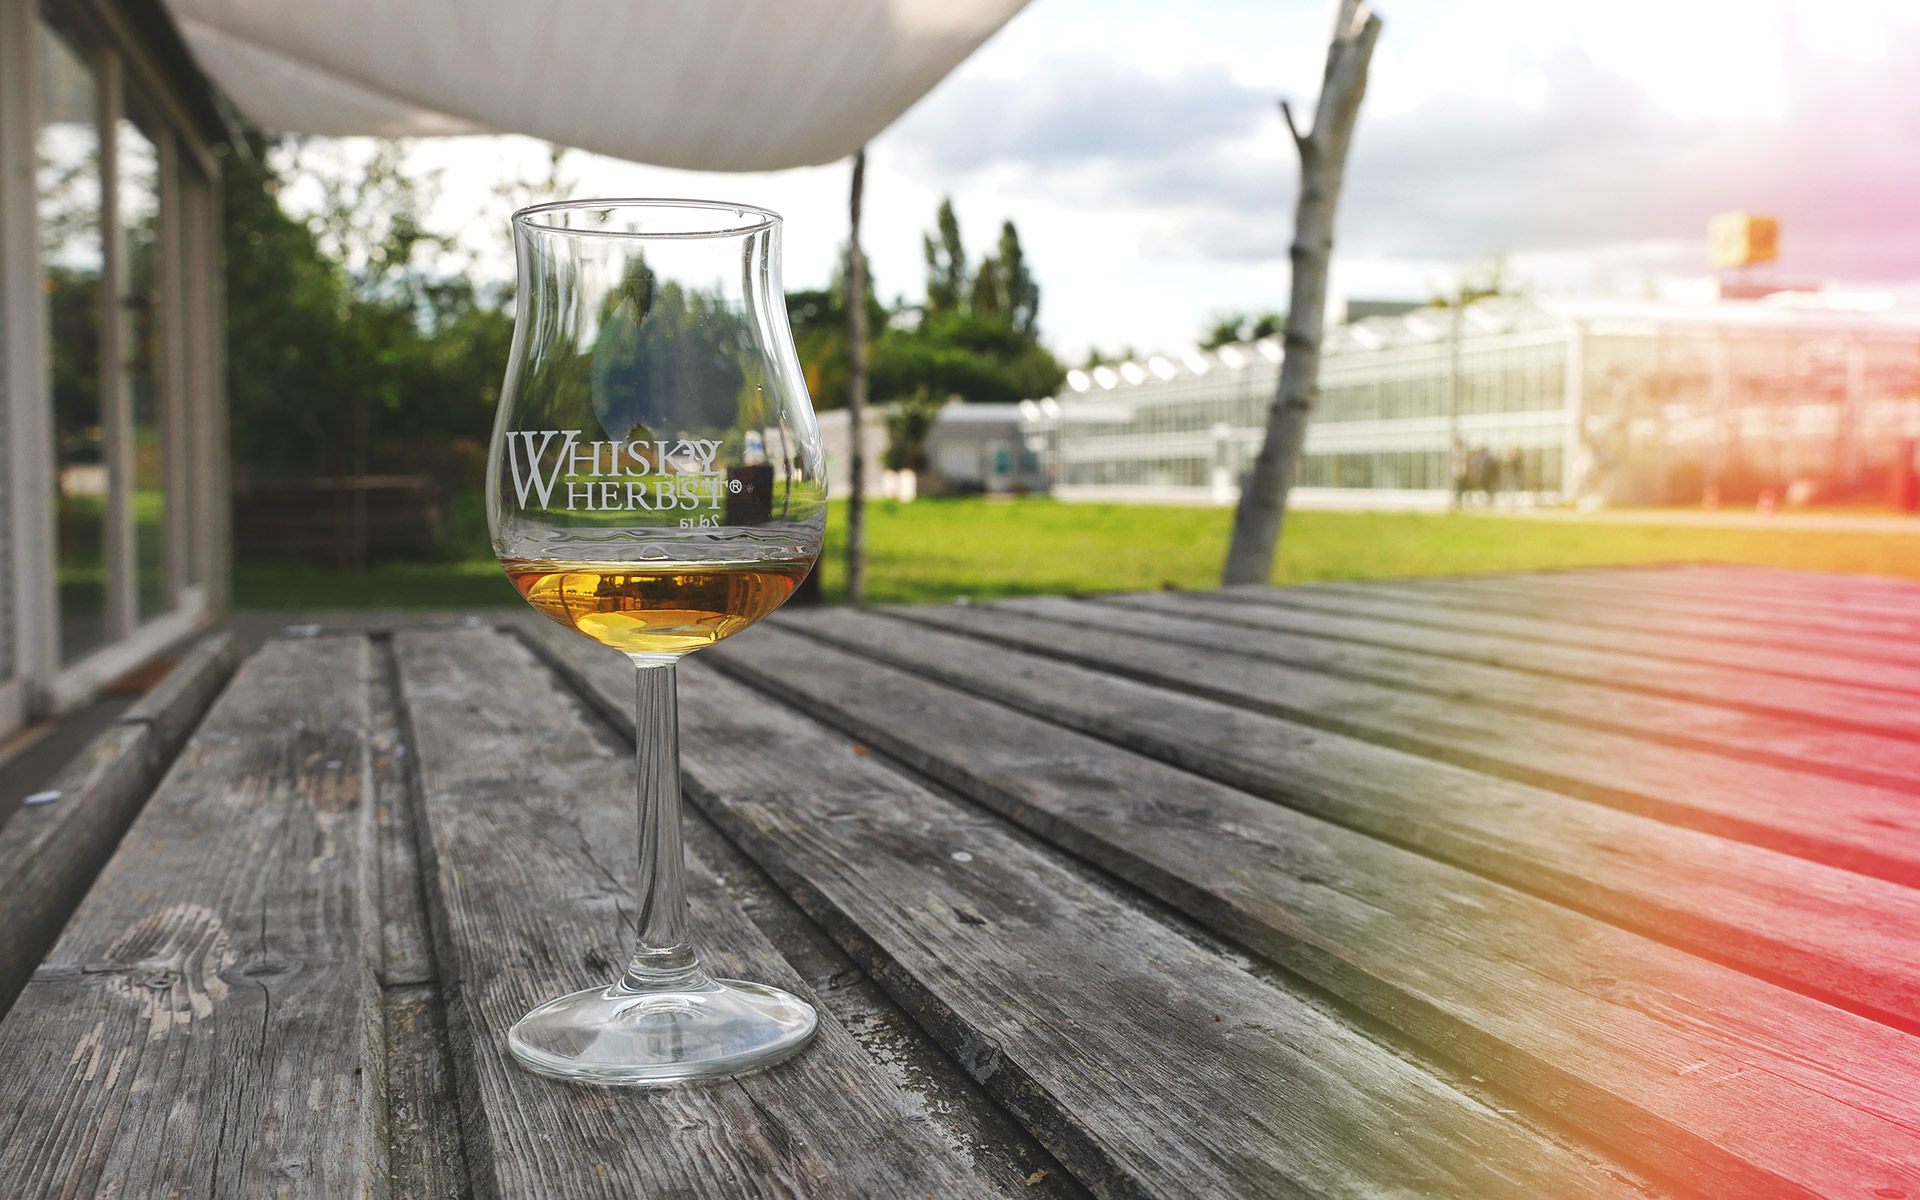 Tasting des GlenDronach 18 Jahre beim Whiskyherbst 2017 in Berlin (Foto: Malt Whisky)